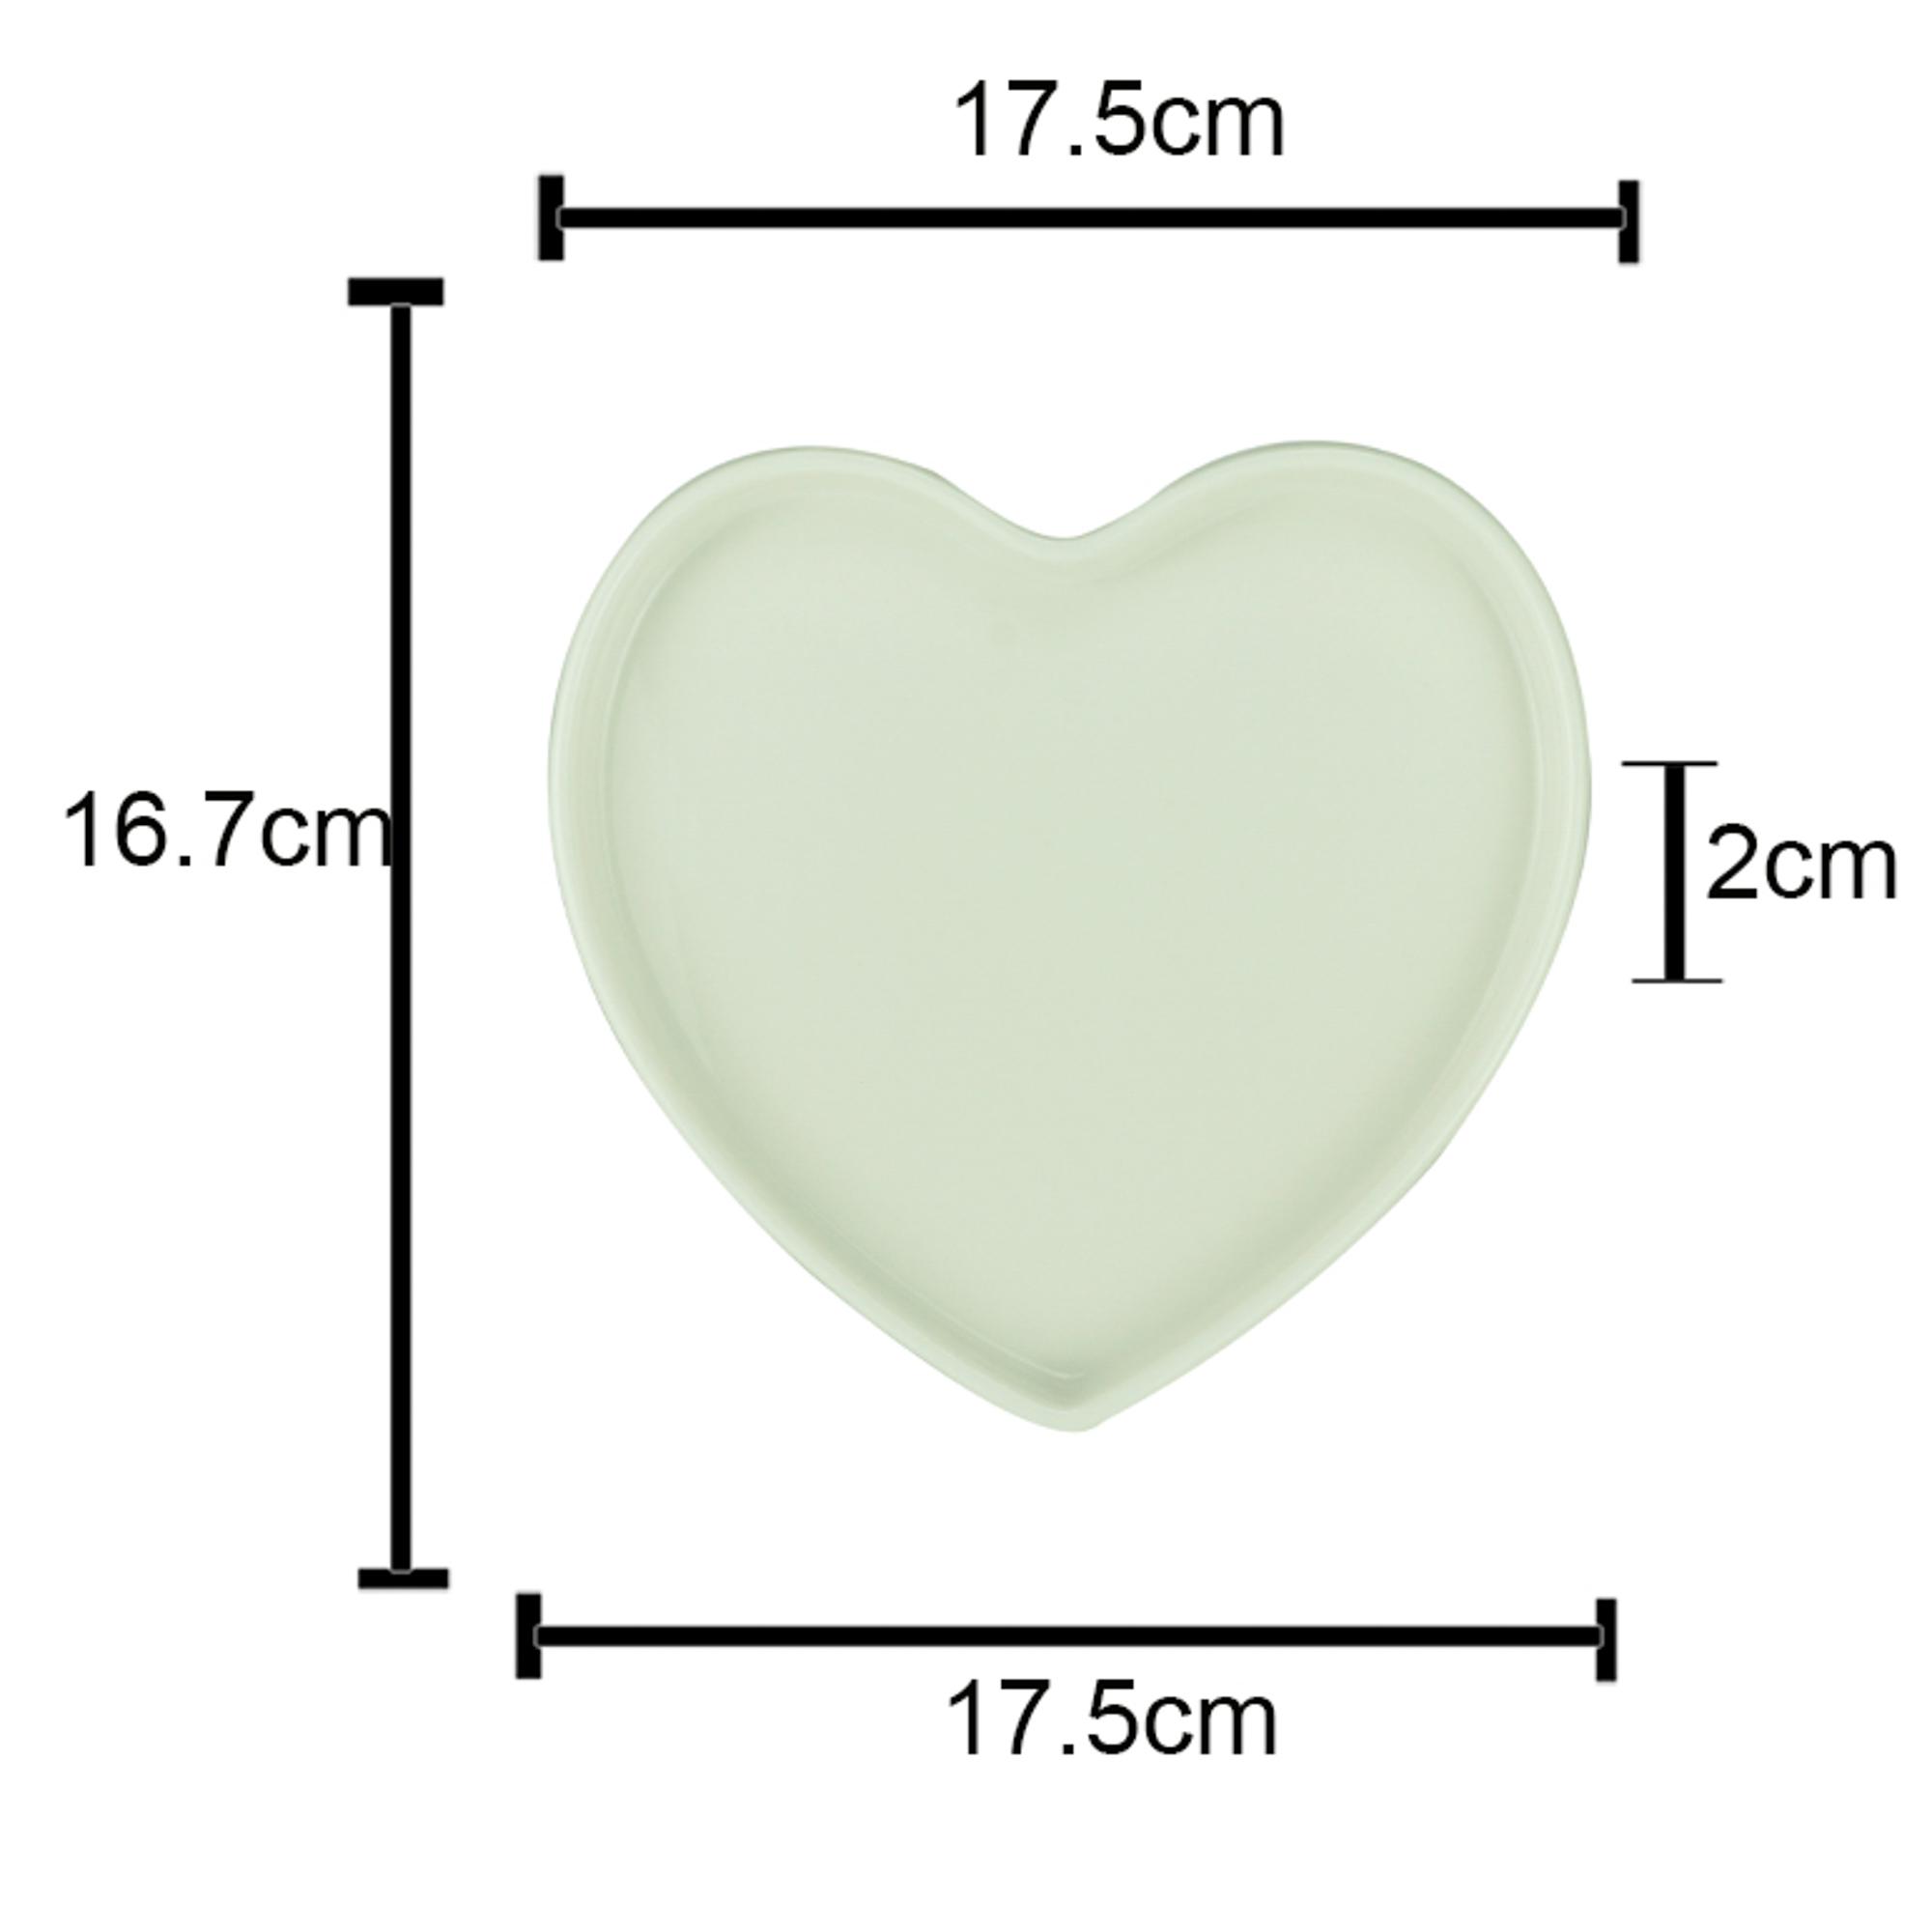 Centro de mesa decor basics heart